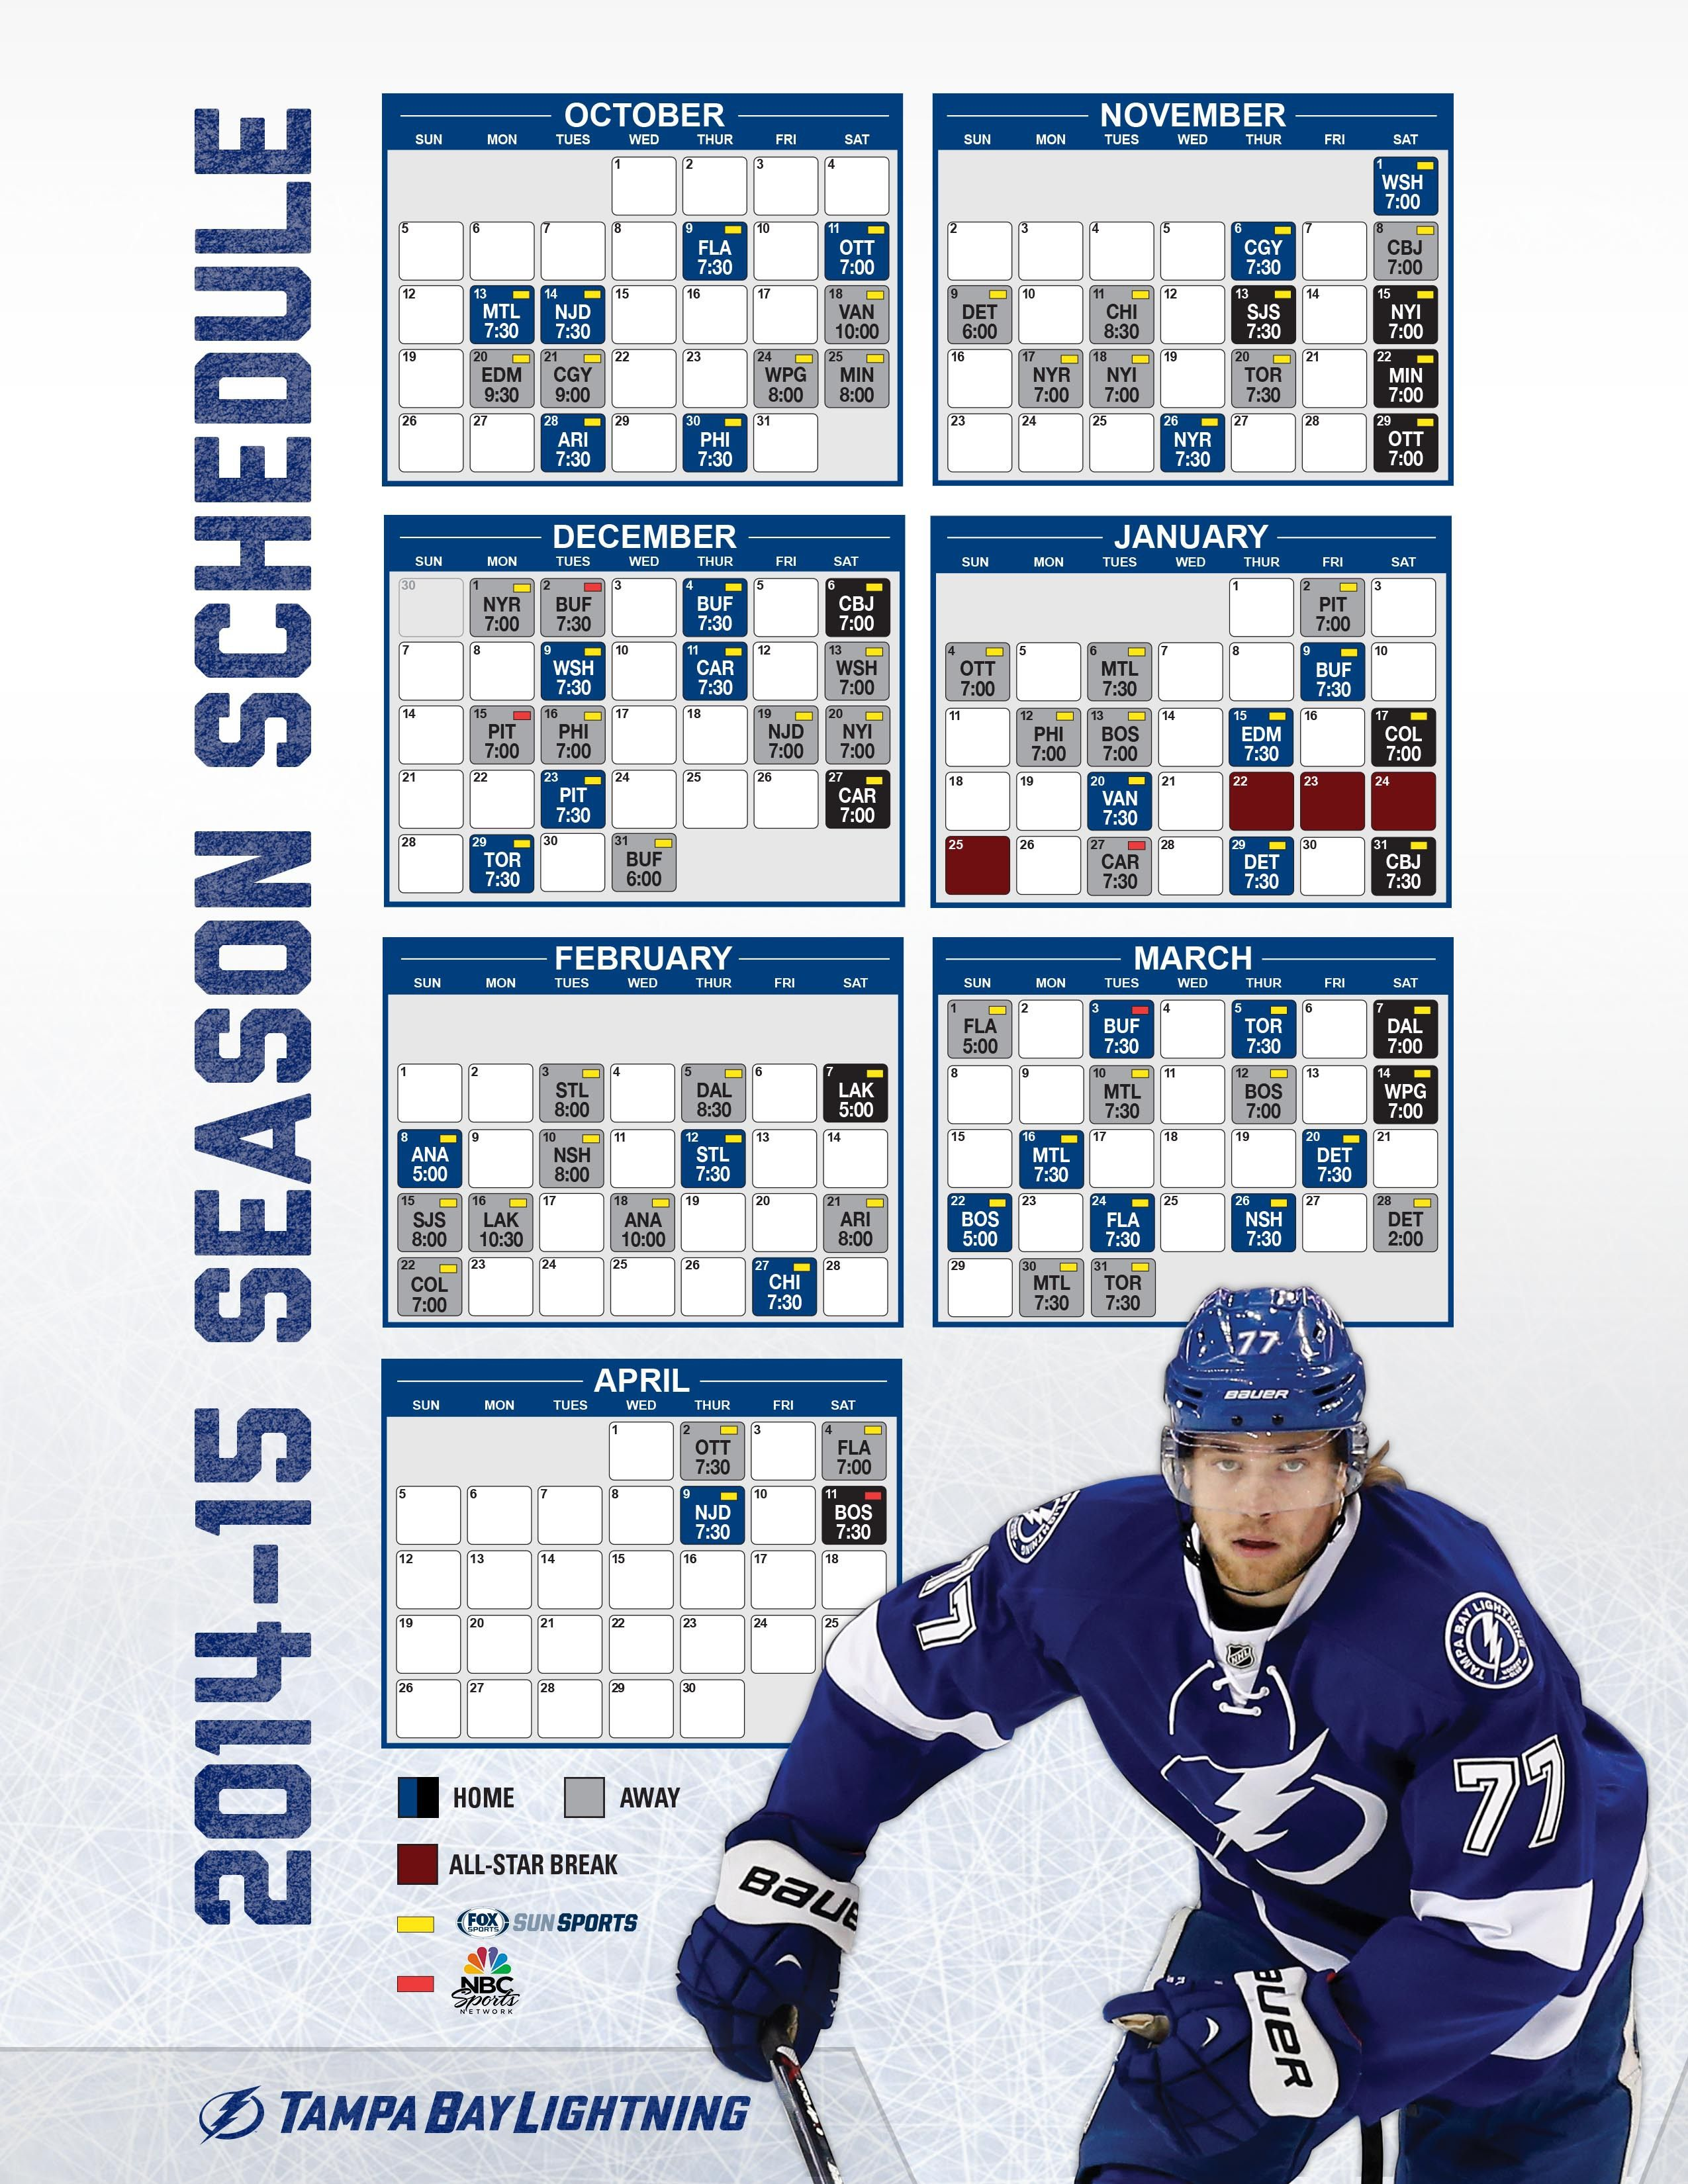 Tampa Bay Lightning Schedule 2013 14 Tampa Bay Lightning 2013 14